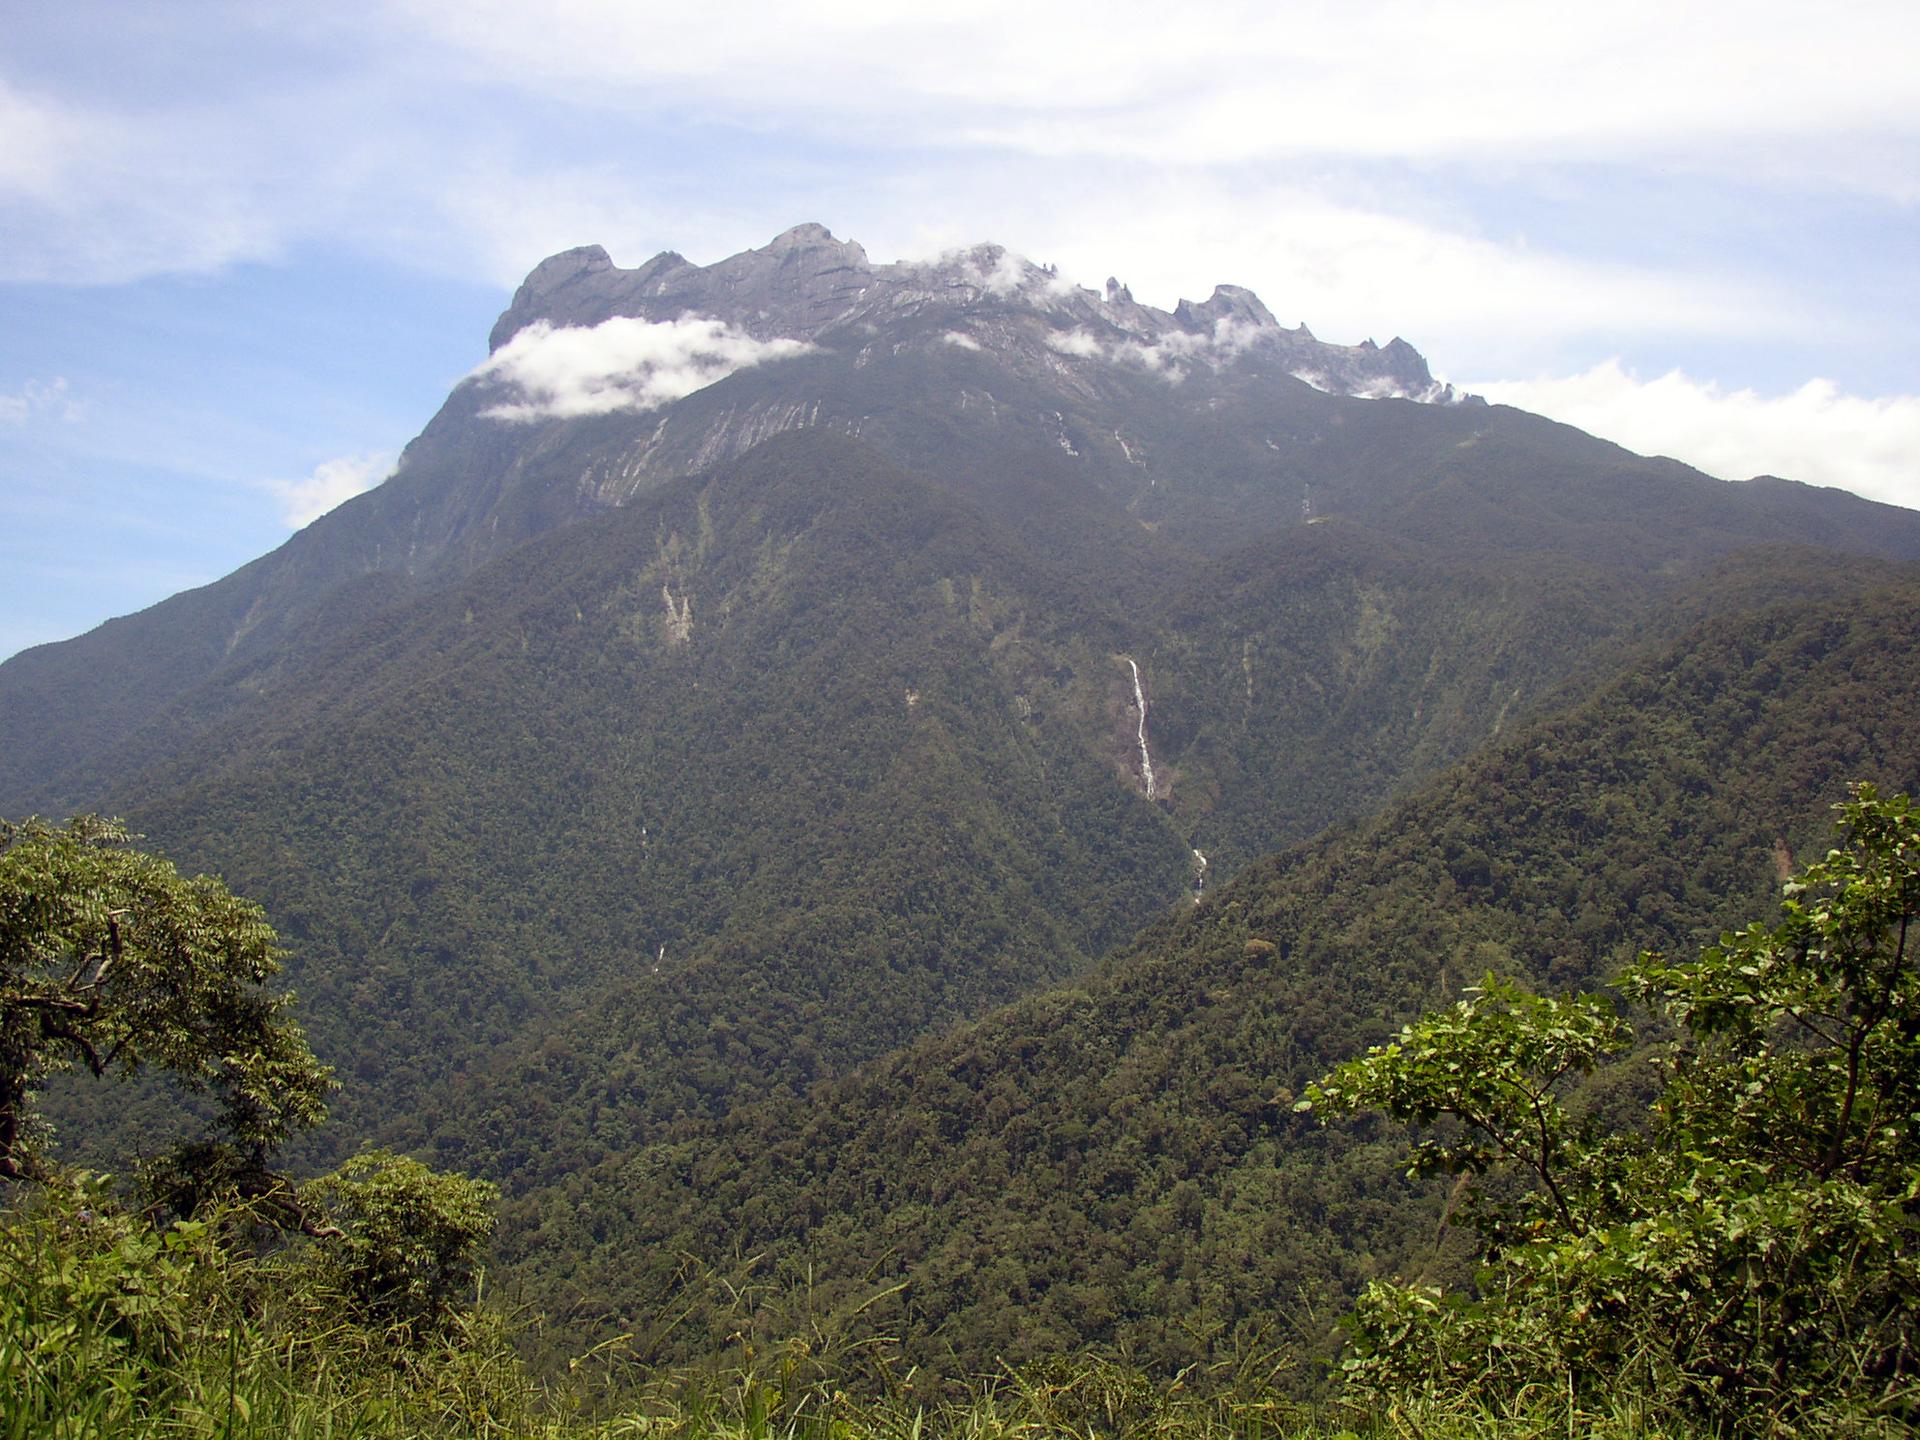 Na zdjęciu wysoki skalisty szczyt górski. Poniżej zalesione stoki.